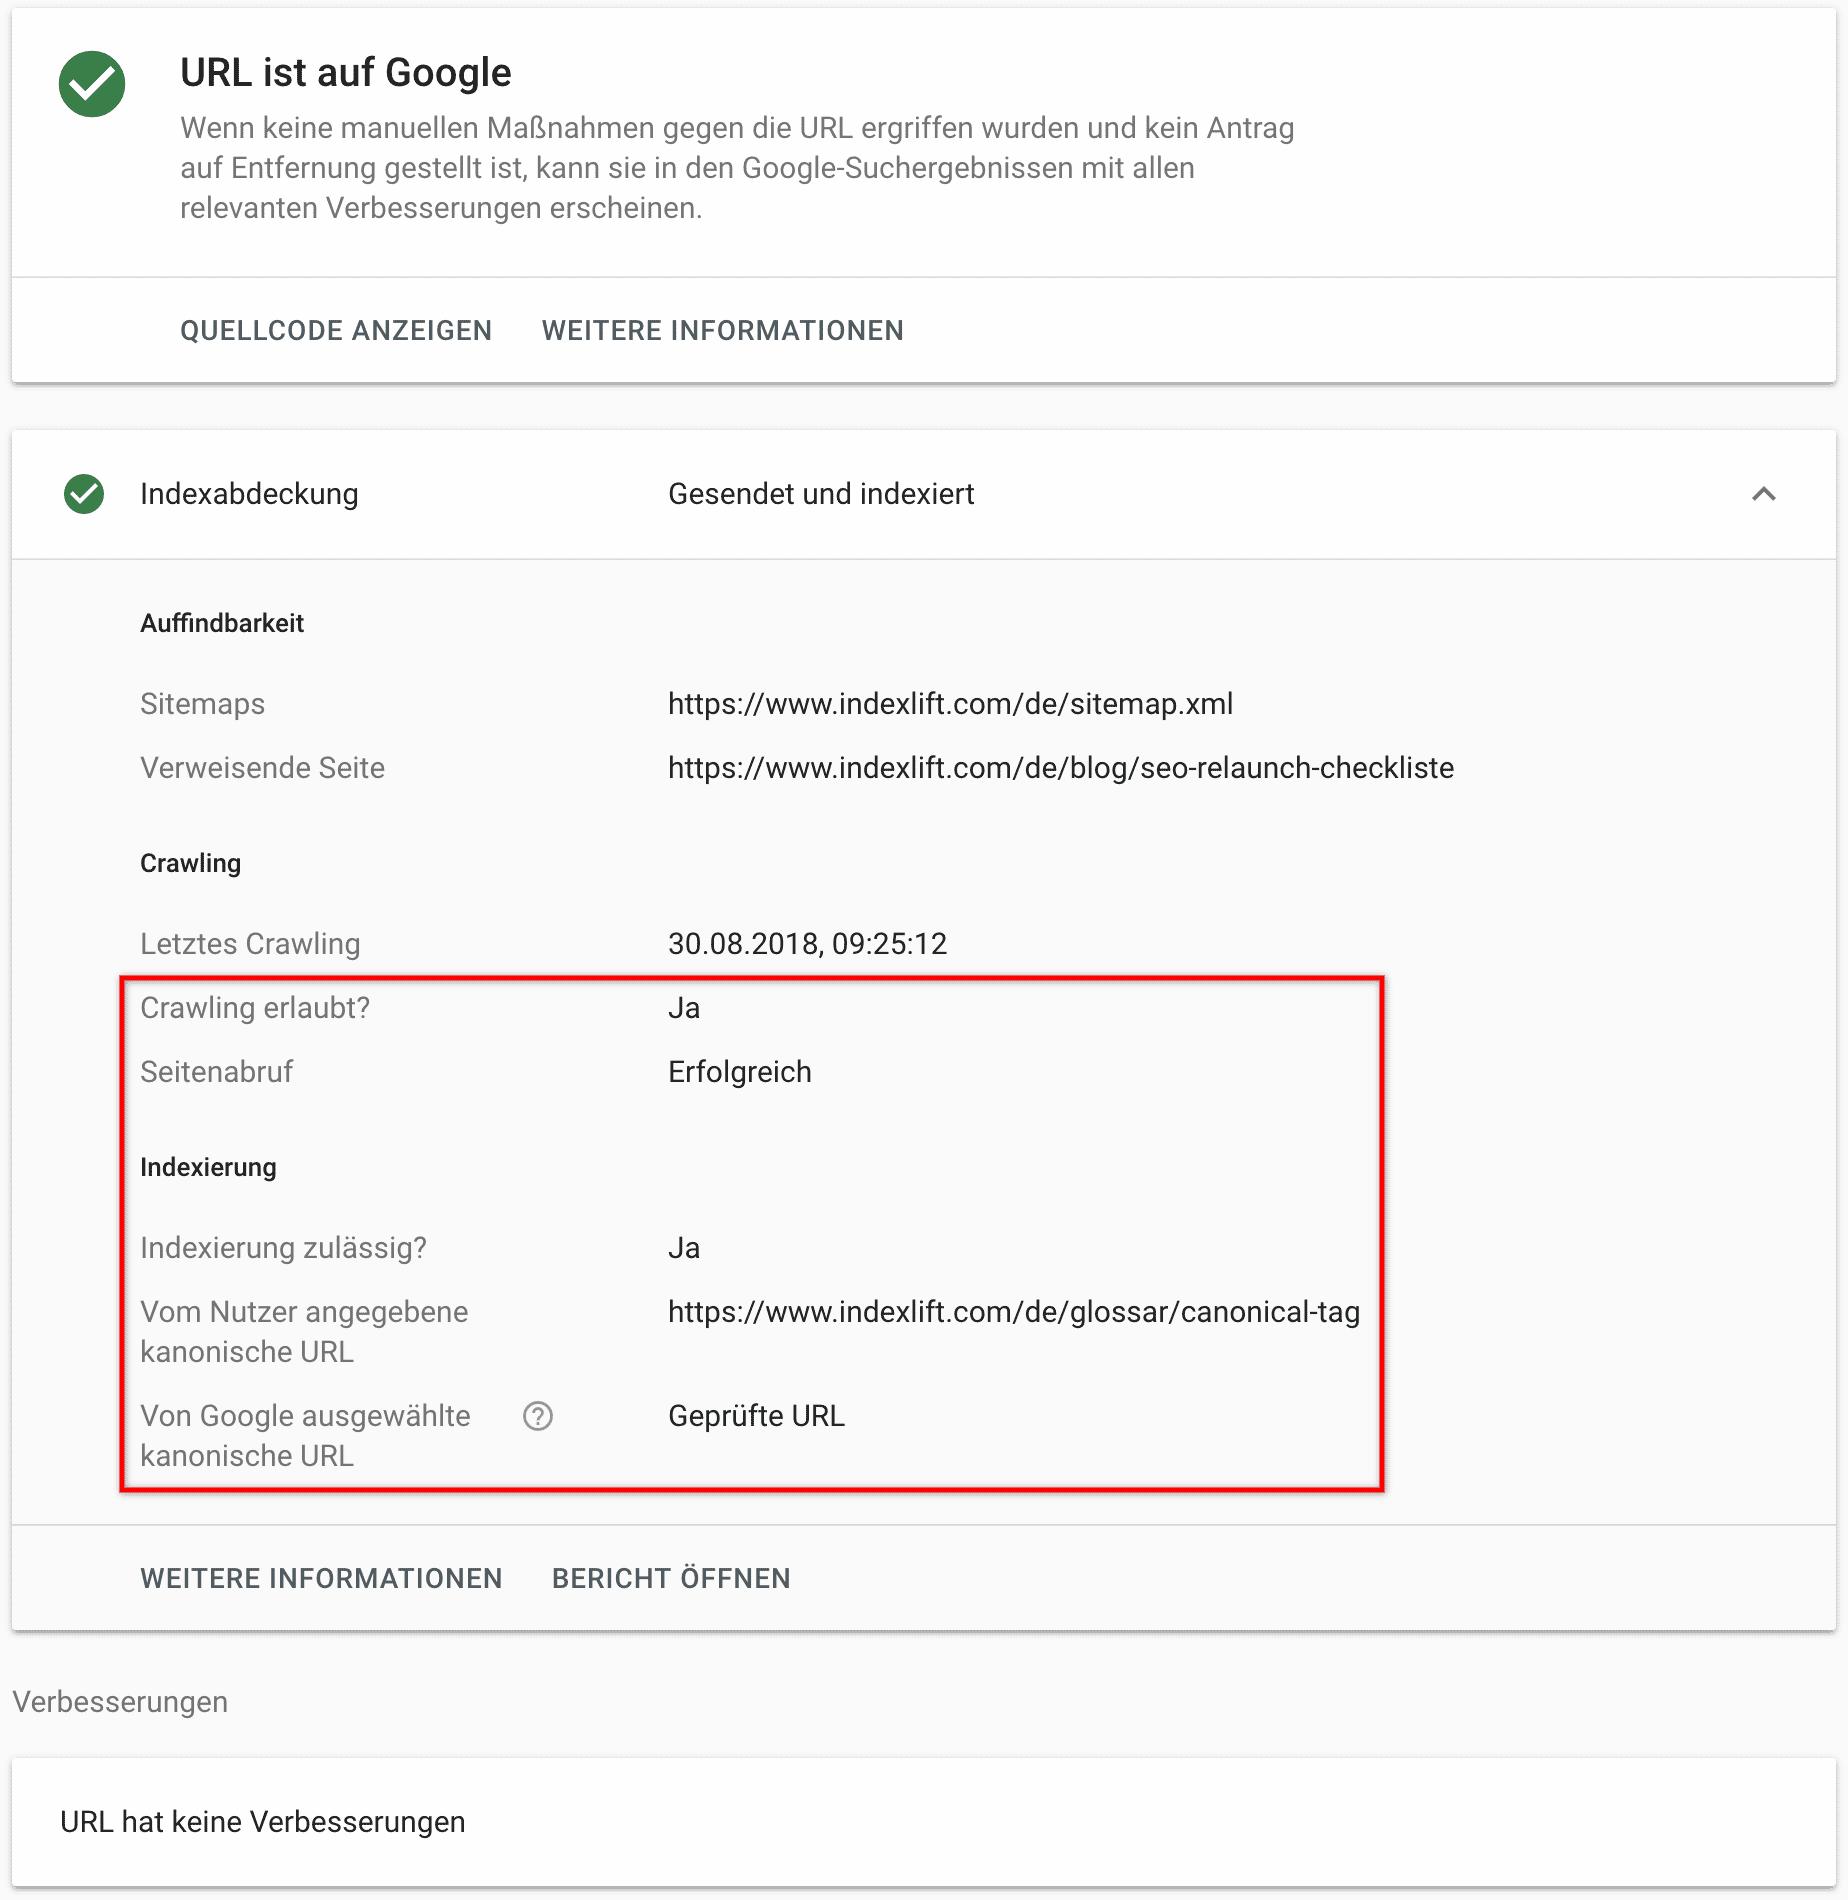 URL-Prüfung - Indexabdeckung // Google Search Console